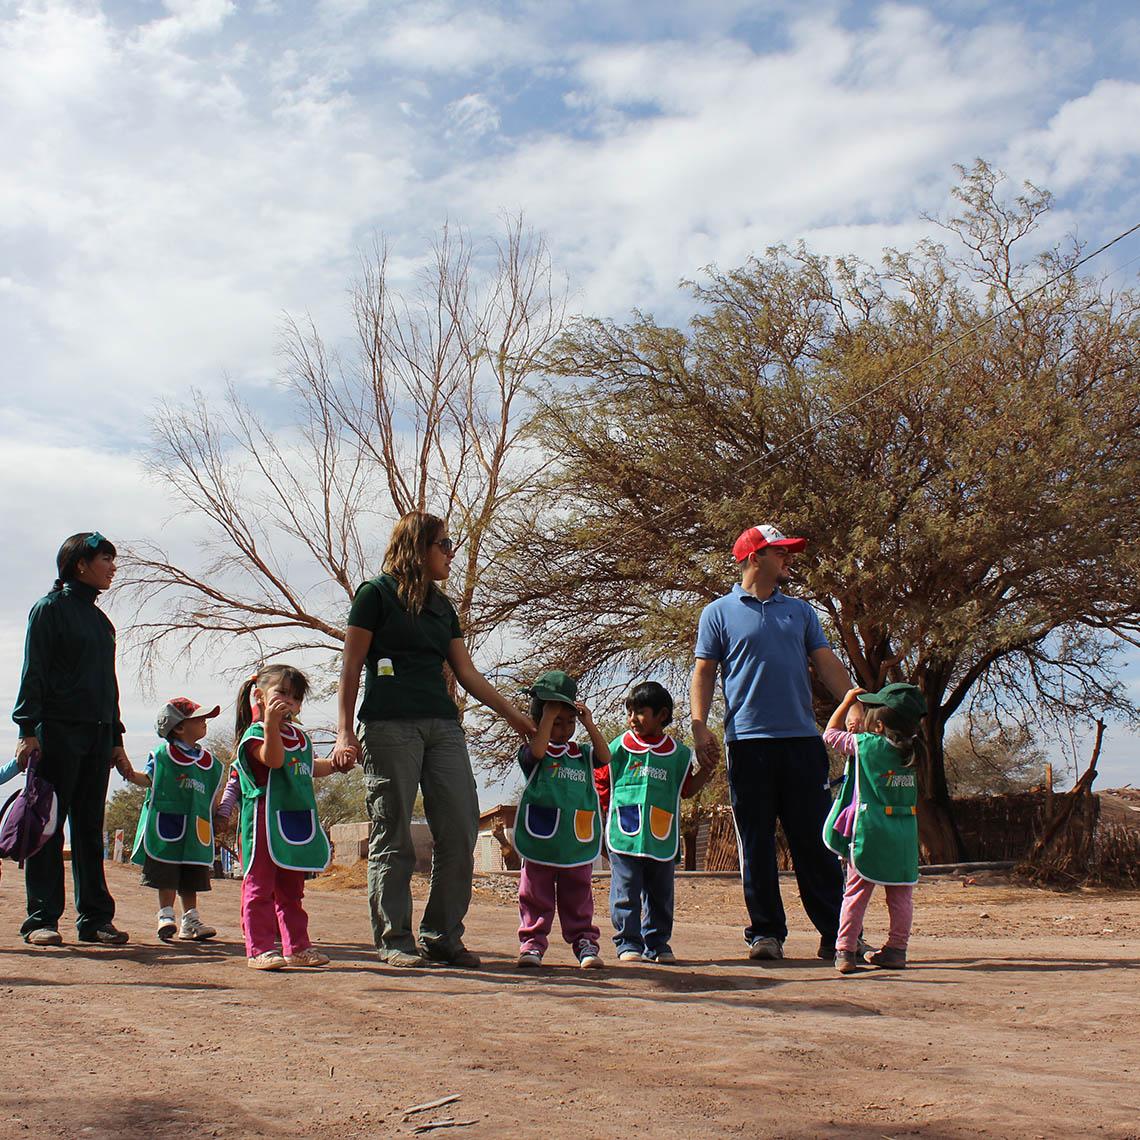 Niños participan en Jardín Infantil sobre ruedas - Modalidad no convencional